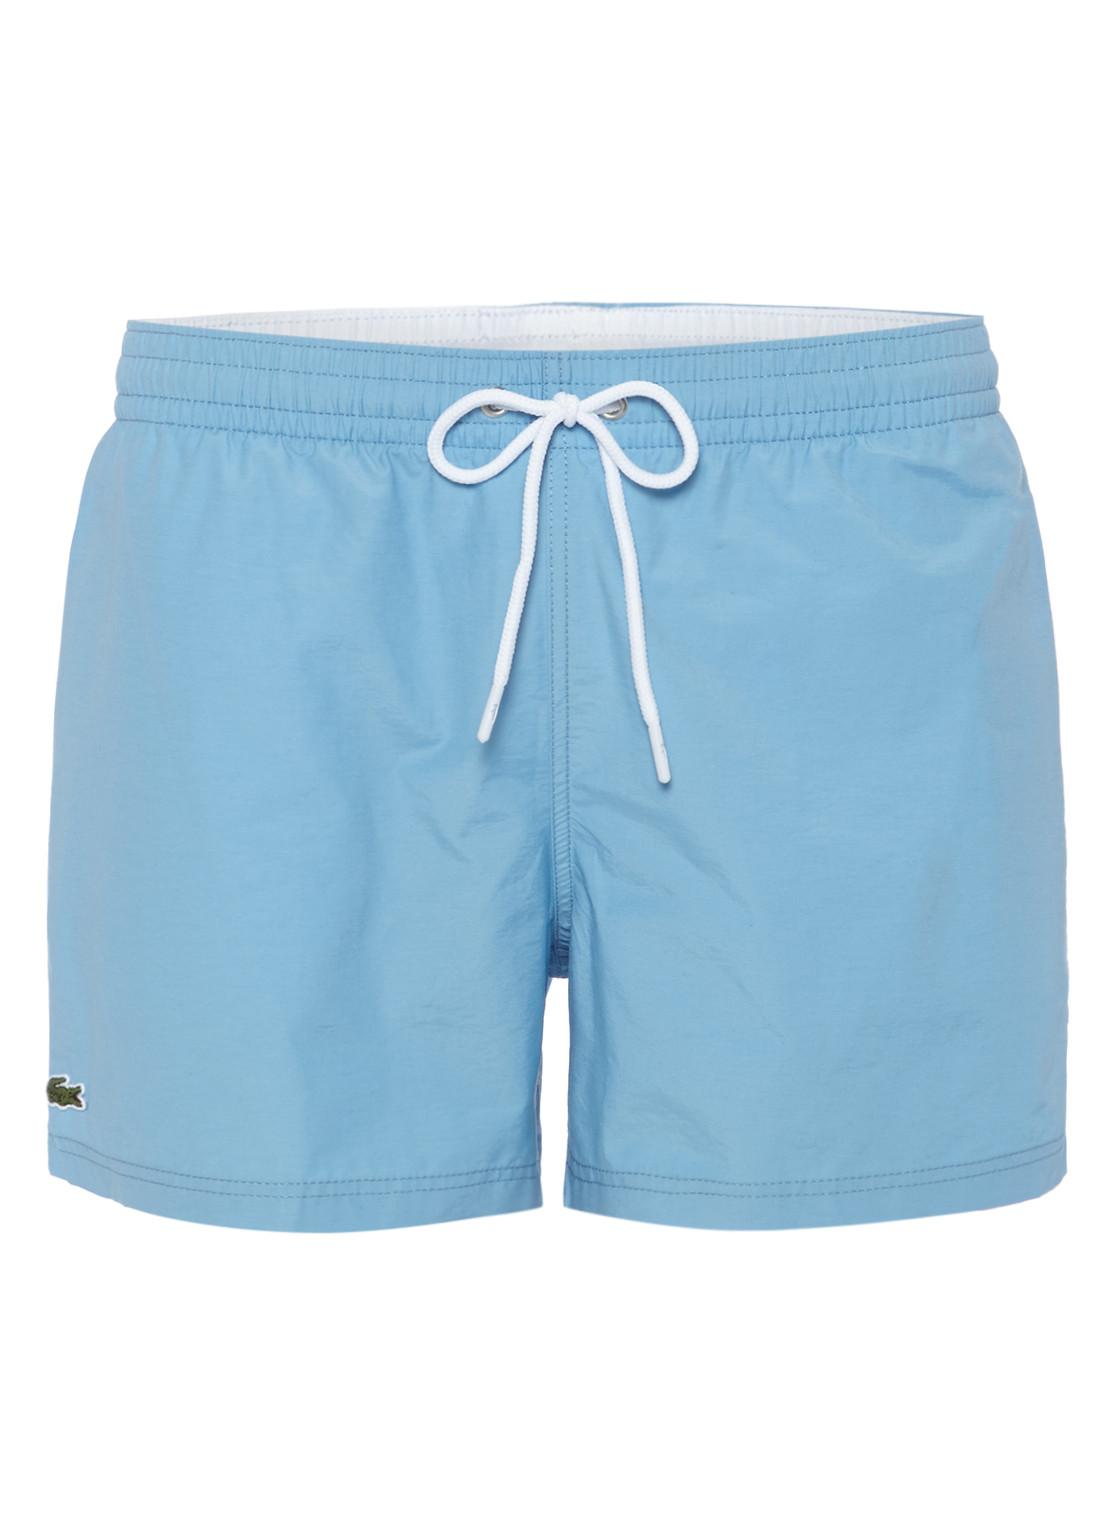 Zwembroek Heren Bijenkorf.15x Hippe Zwembroeken Voor Mannen Shopgids